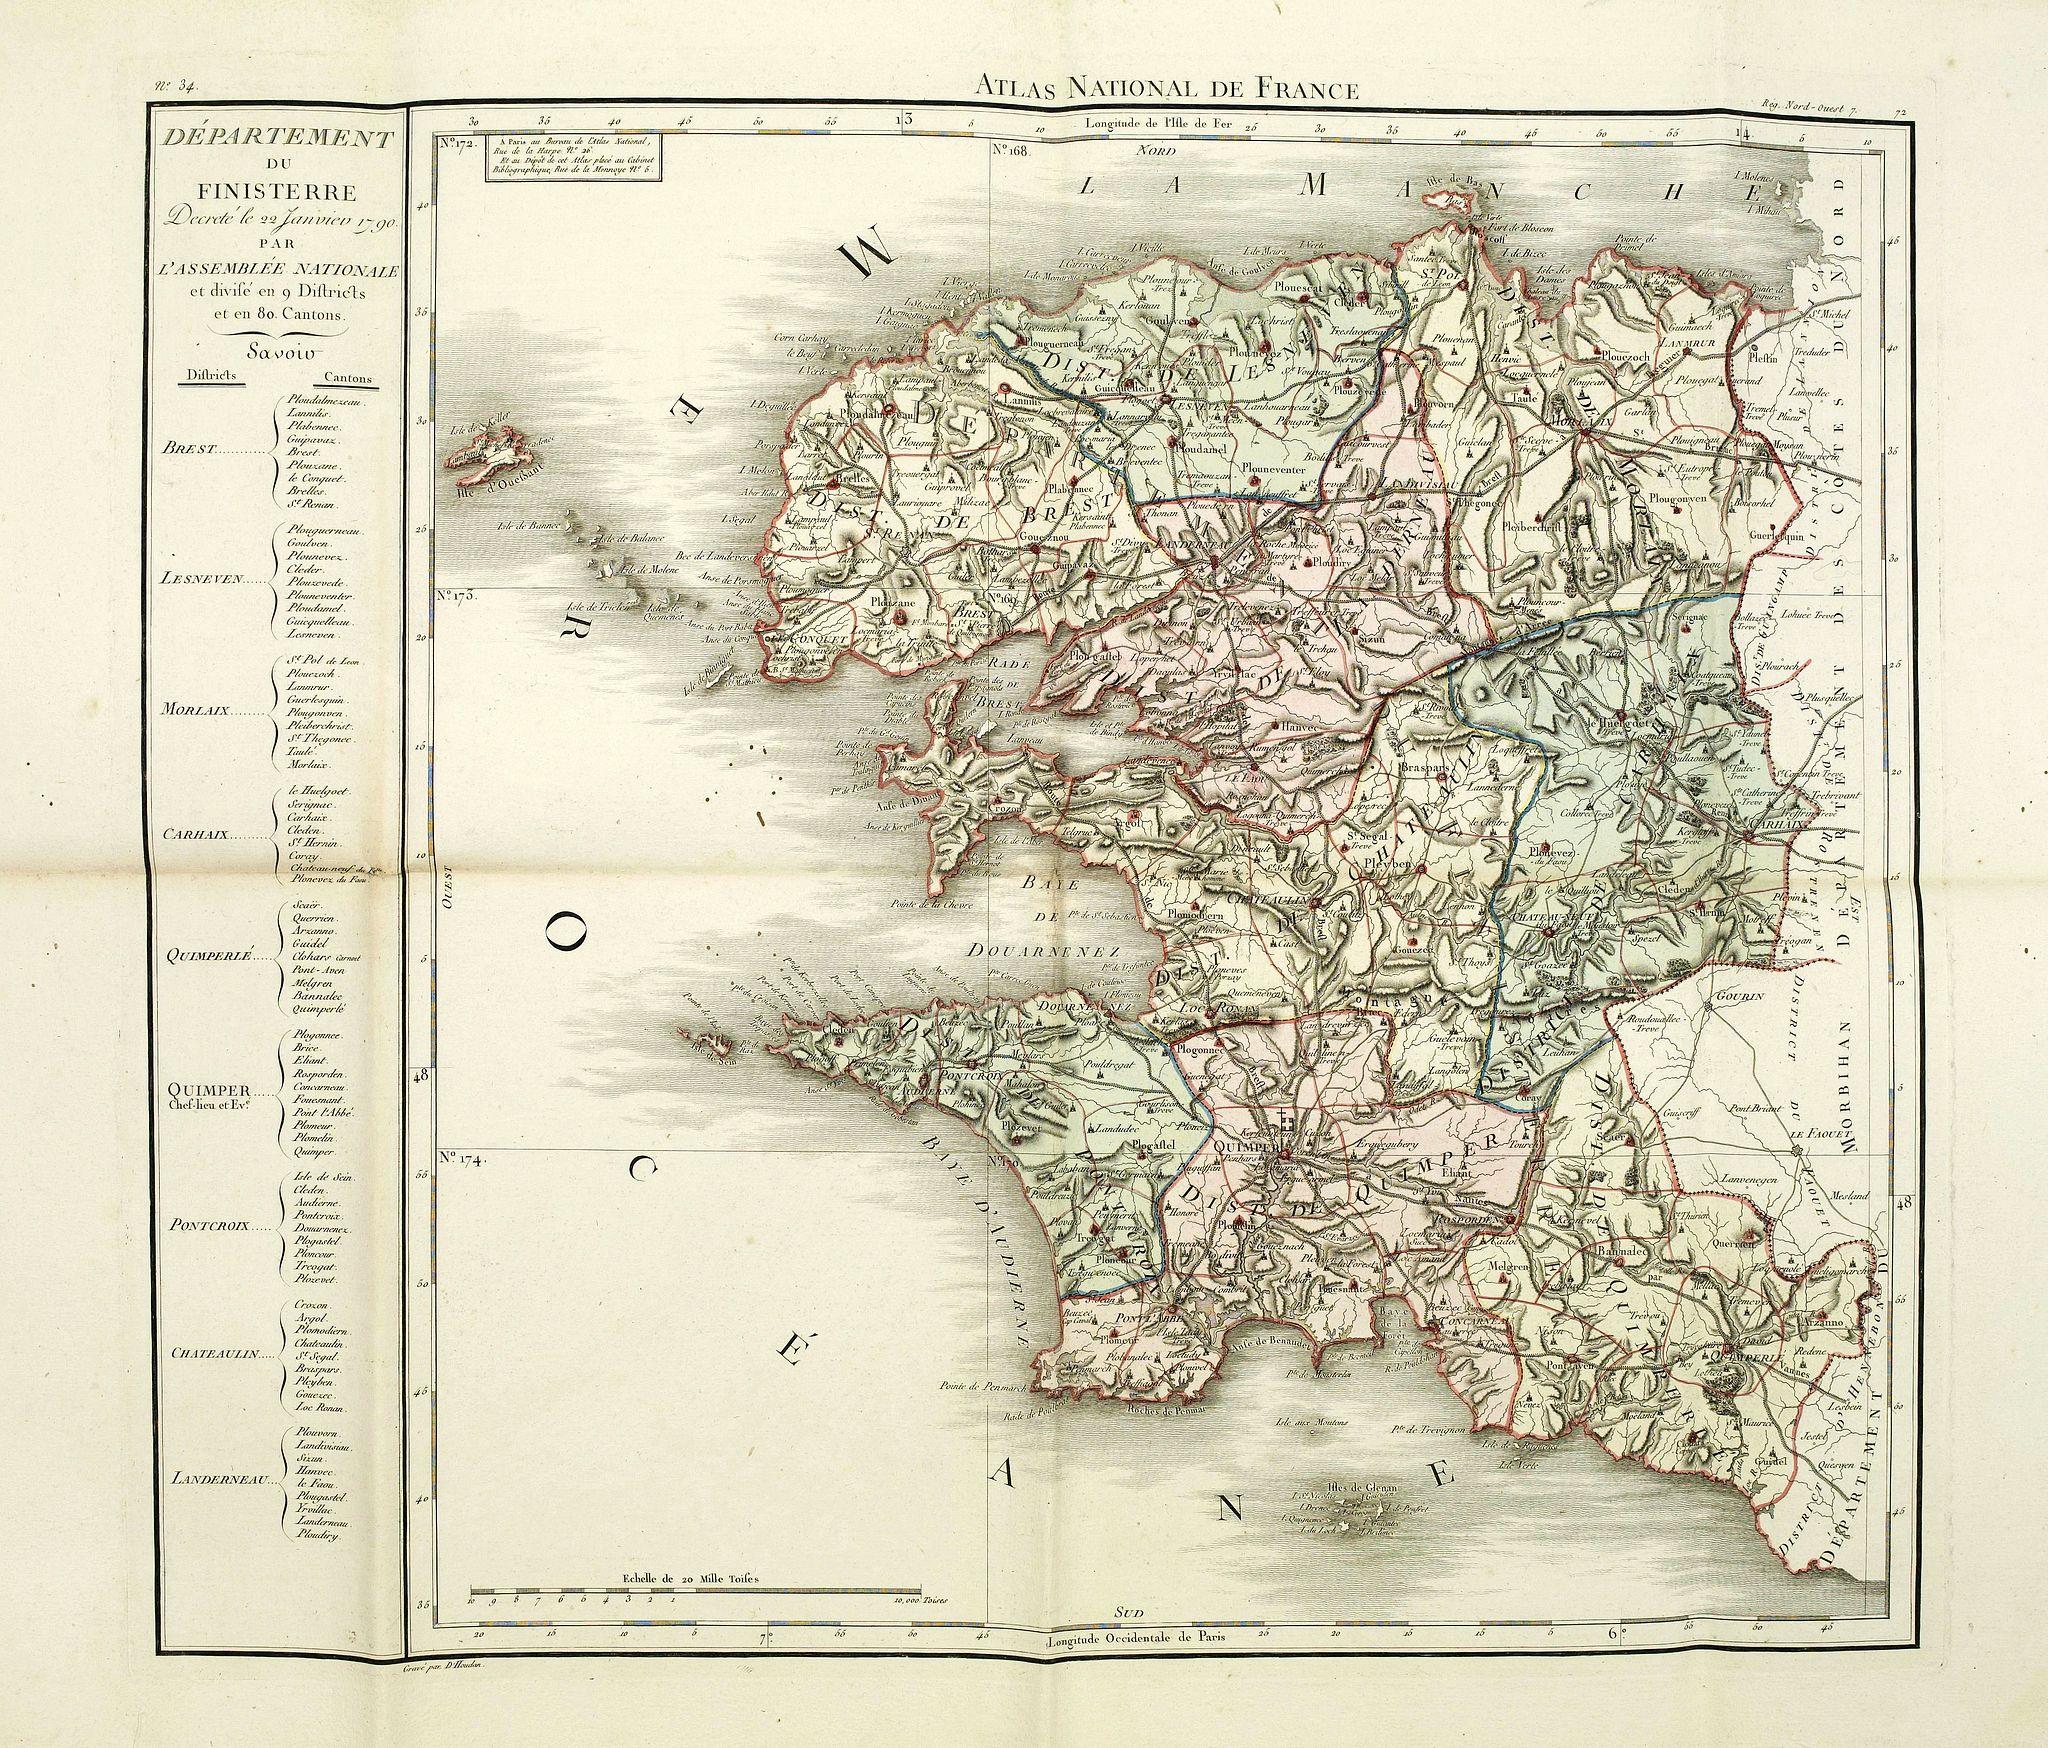 CHANLAIRE, P-G. & DUMEZ, P. -  Département du Finisterre decreté le 22 janvier 1790.